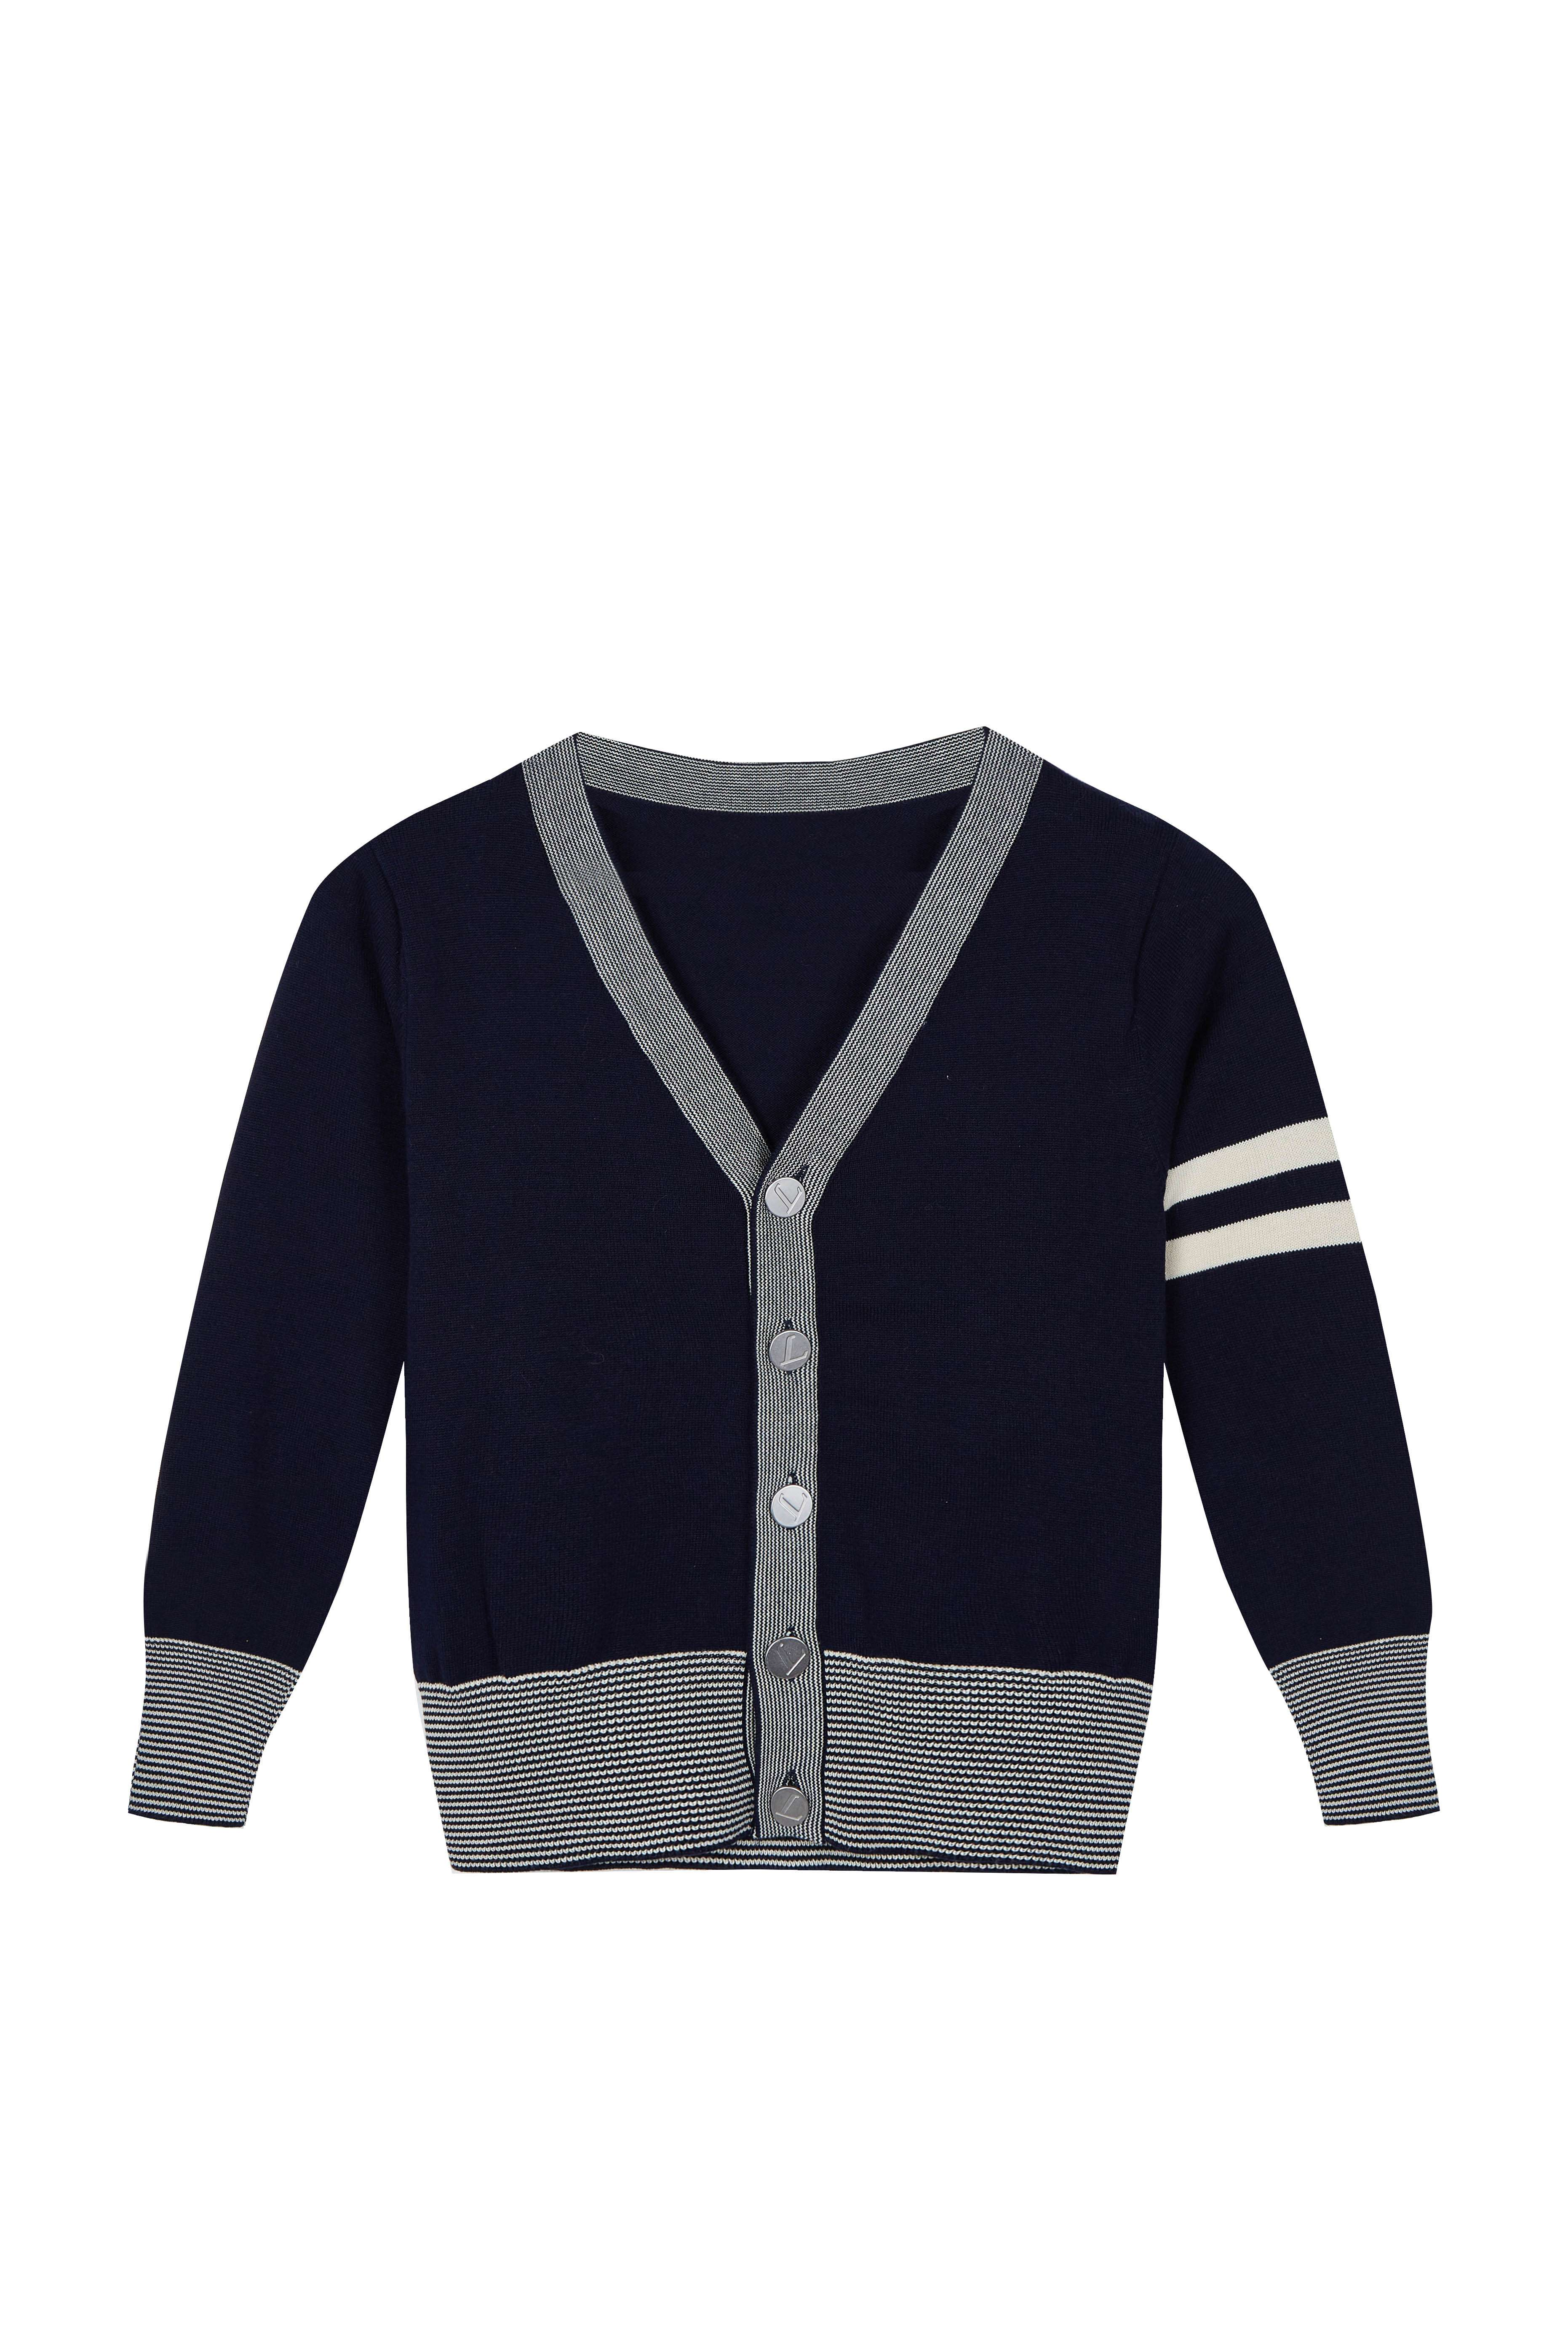 Boy's Sweater Casual Vest Cotton V-Neck School Uniform Button Cardigan